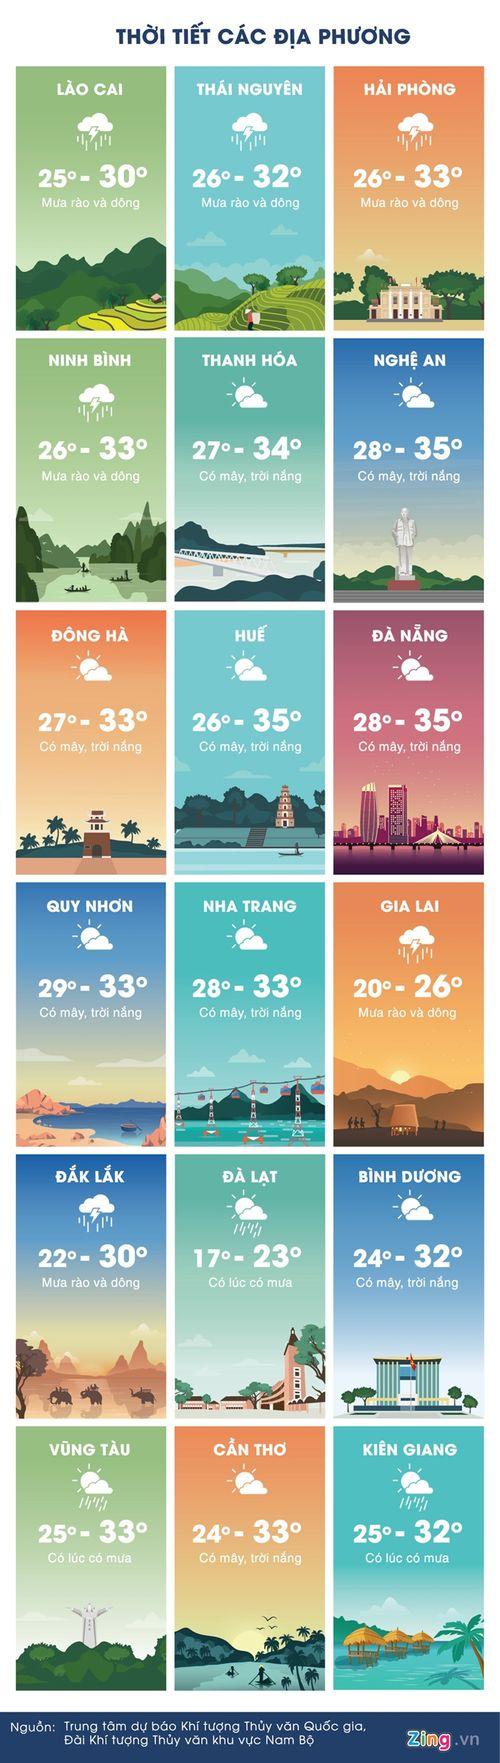 Dự báo thời tiết 10/6: Kết thúc nắng nóng, miền Bắc mưa lớn cuối tuần - Ảnh 2